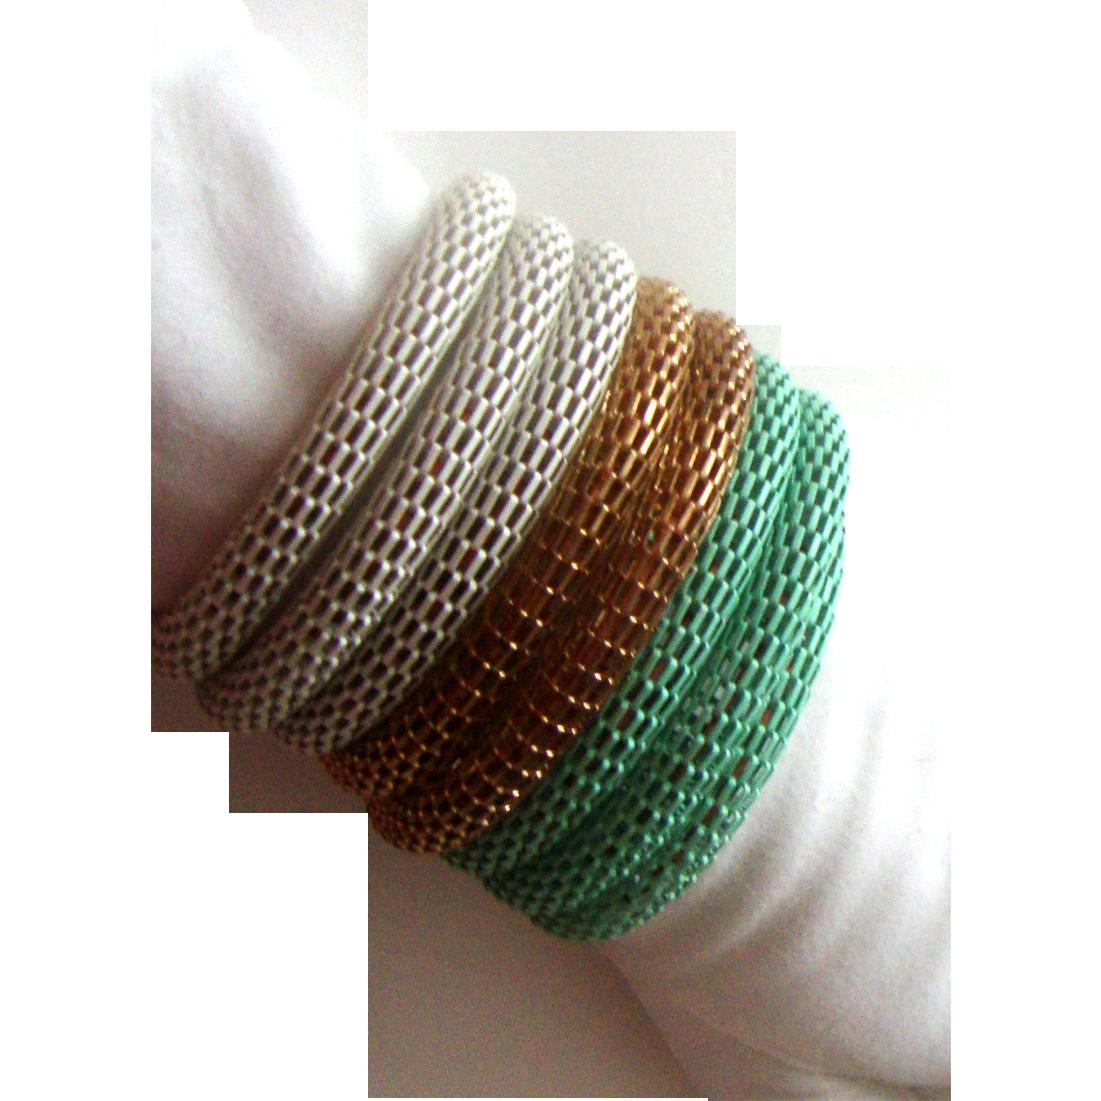 Unique 7-Coil Wraparound Mesh Bracelet: Goldtone, White, Seafoam Green